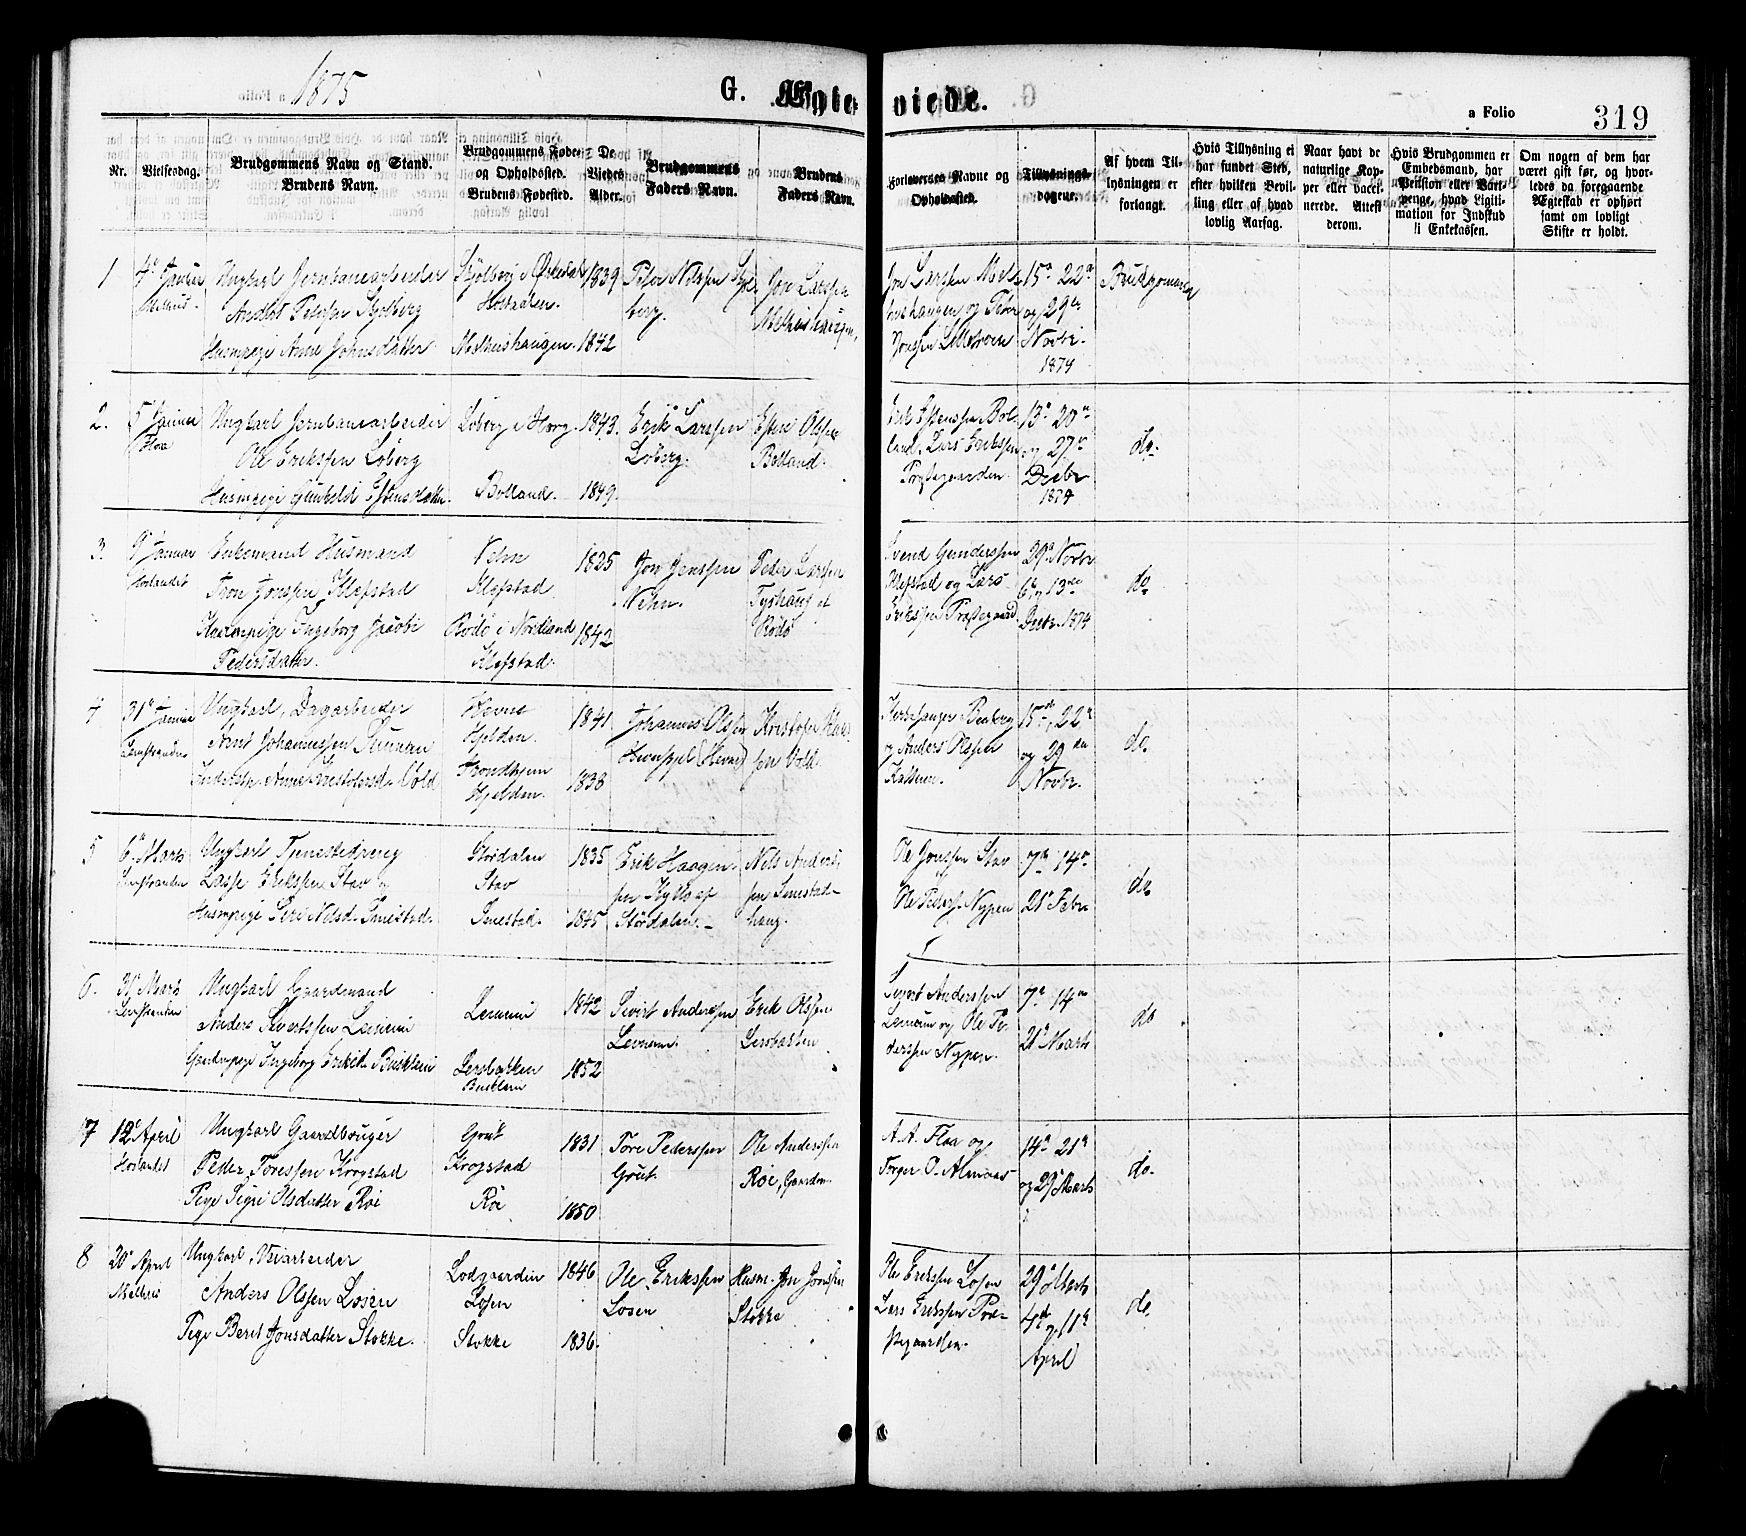 SAT, Ministerialprotokoller, klokkerbøker og fødselsregistre - Sør-Trøndelag, 691/L1079: Ministerialbok nr. 691A11, 1873-1886, s. 319